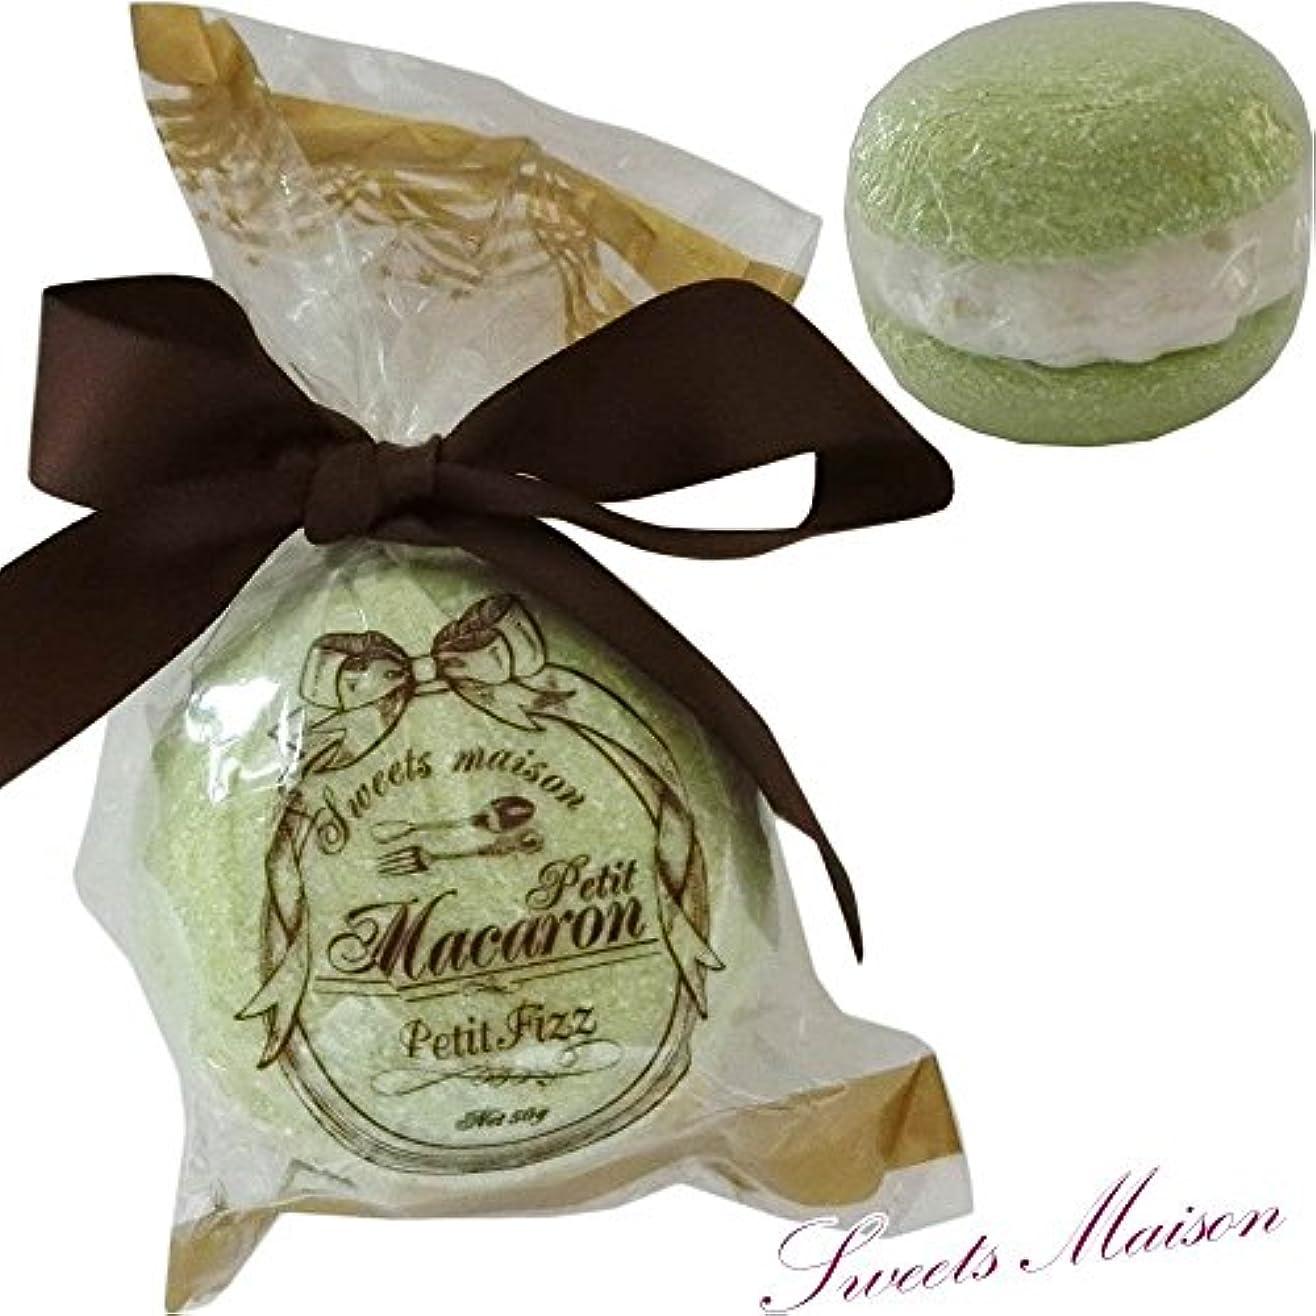 解凍する、雪解け、霜解け補助晩ごはん【Sweets Maison】プチマカロンフィズ さわやかなベルガモットティーの香り 1個